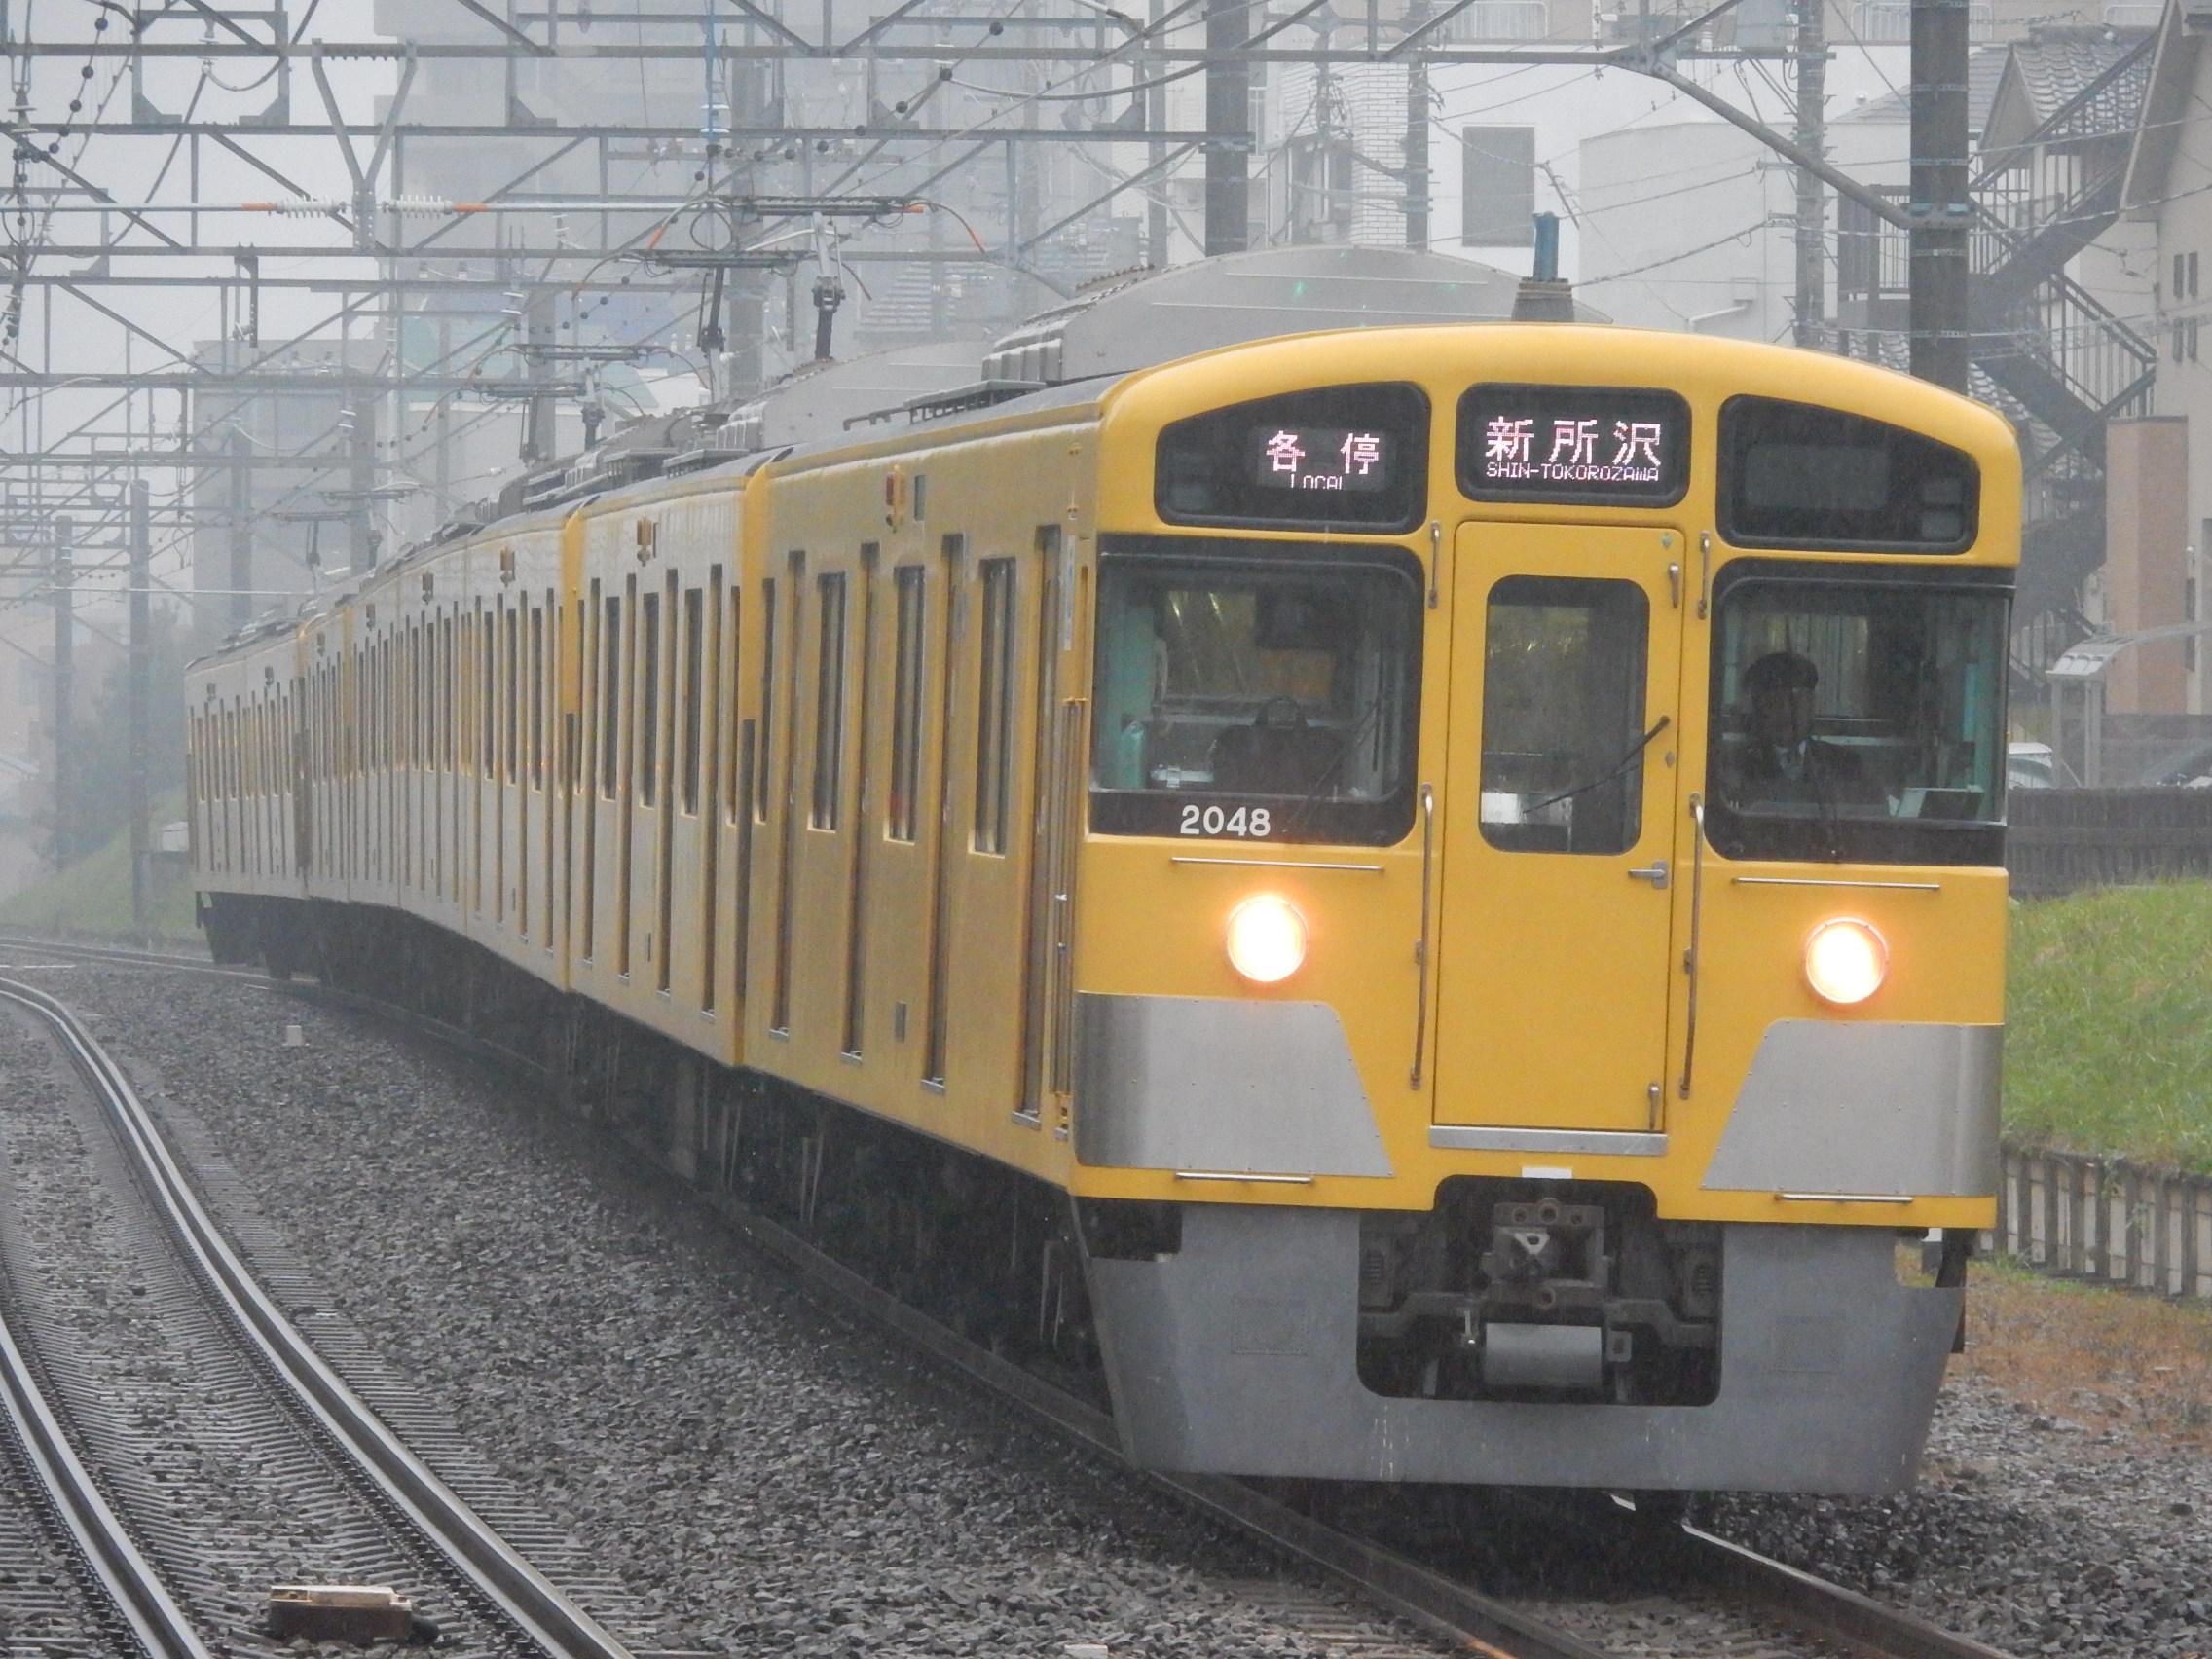 DSCN8493.jpg